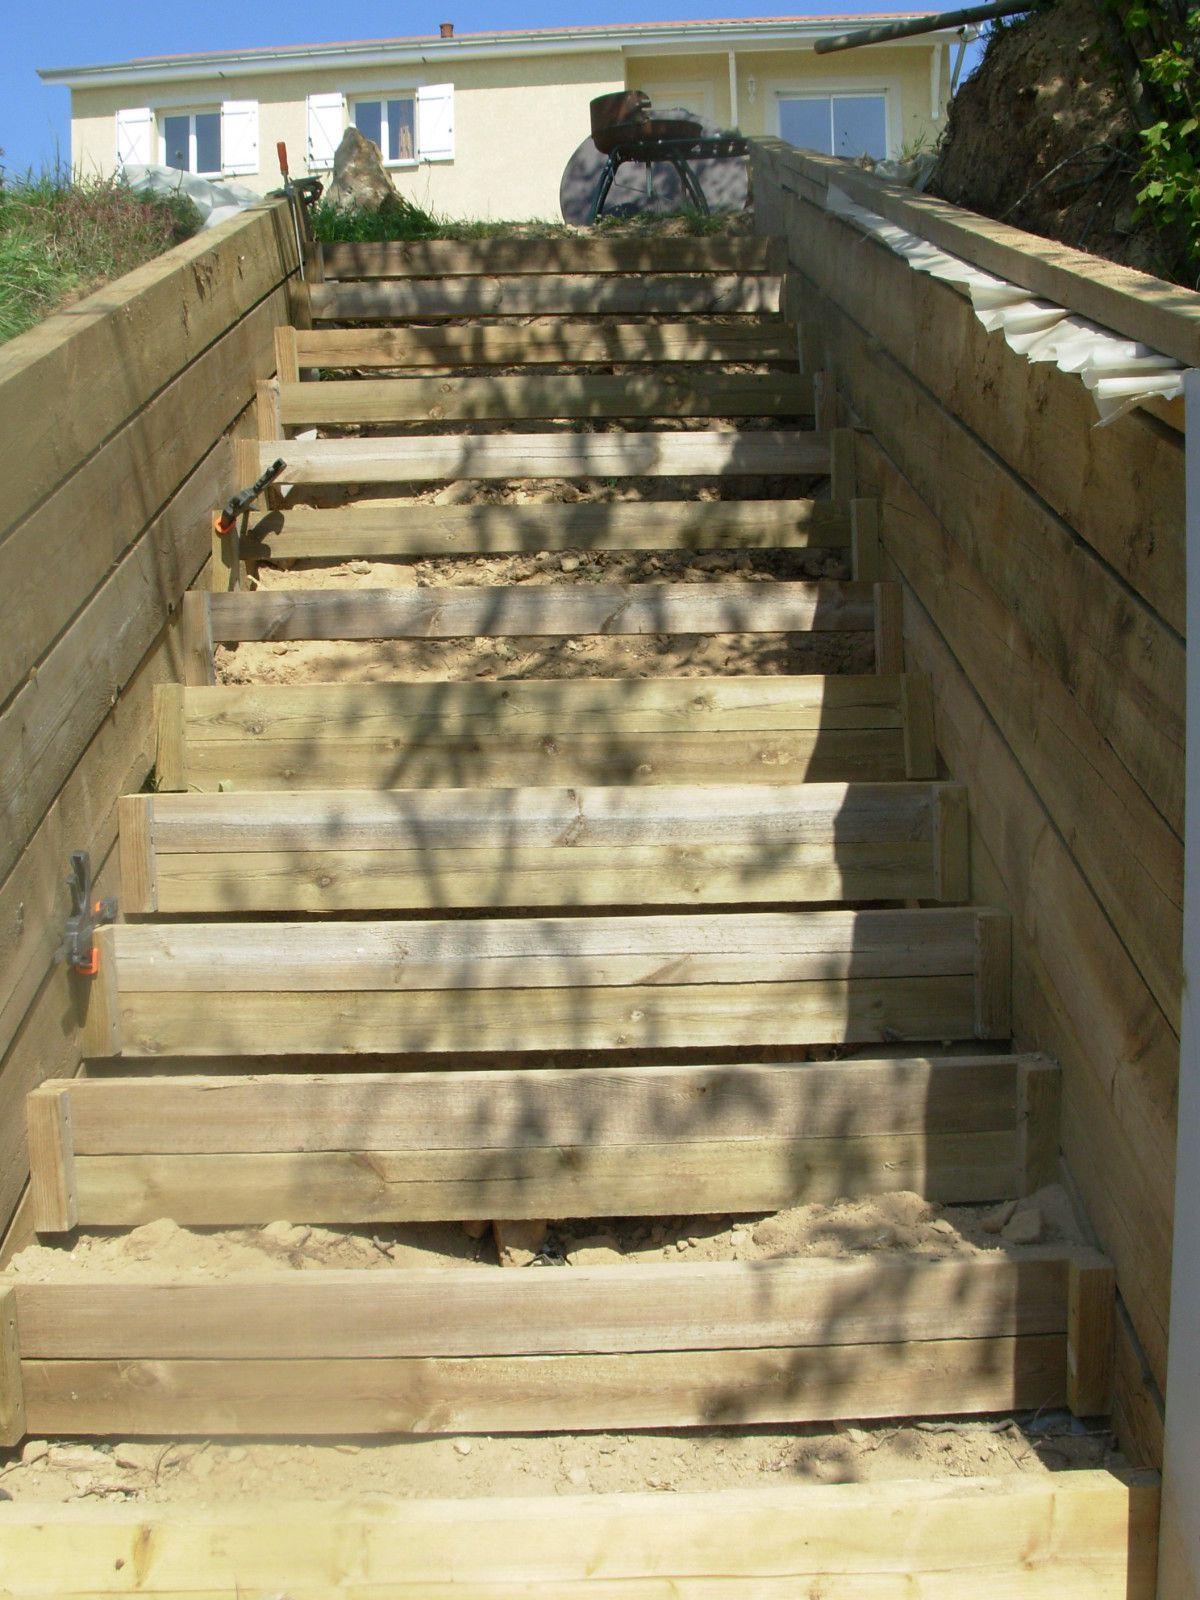 avancée repose sur deux piliers en bois ( pilotis ) et des